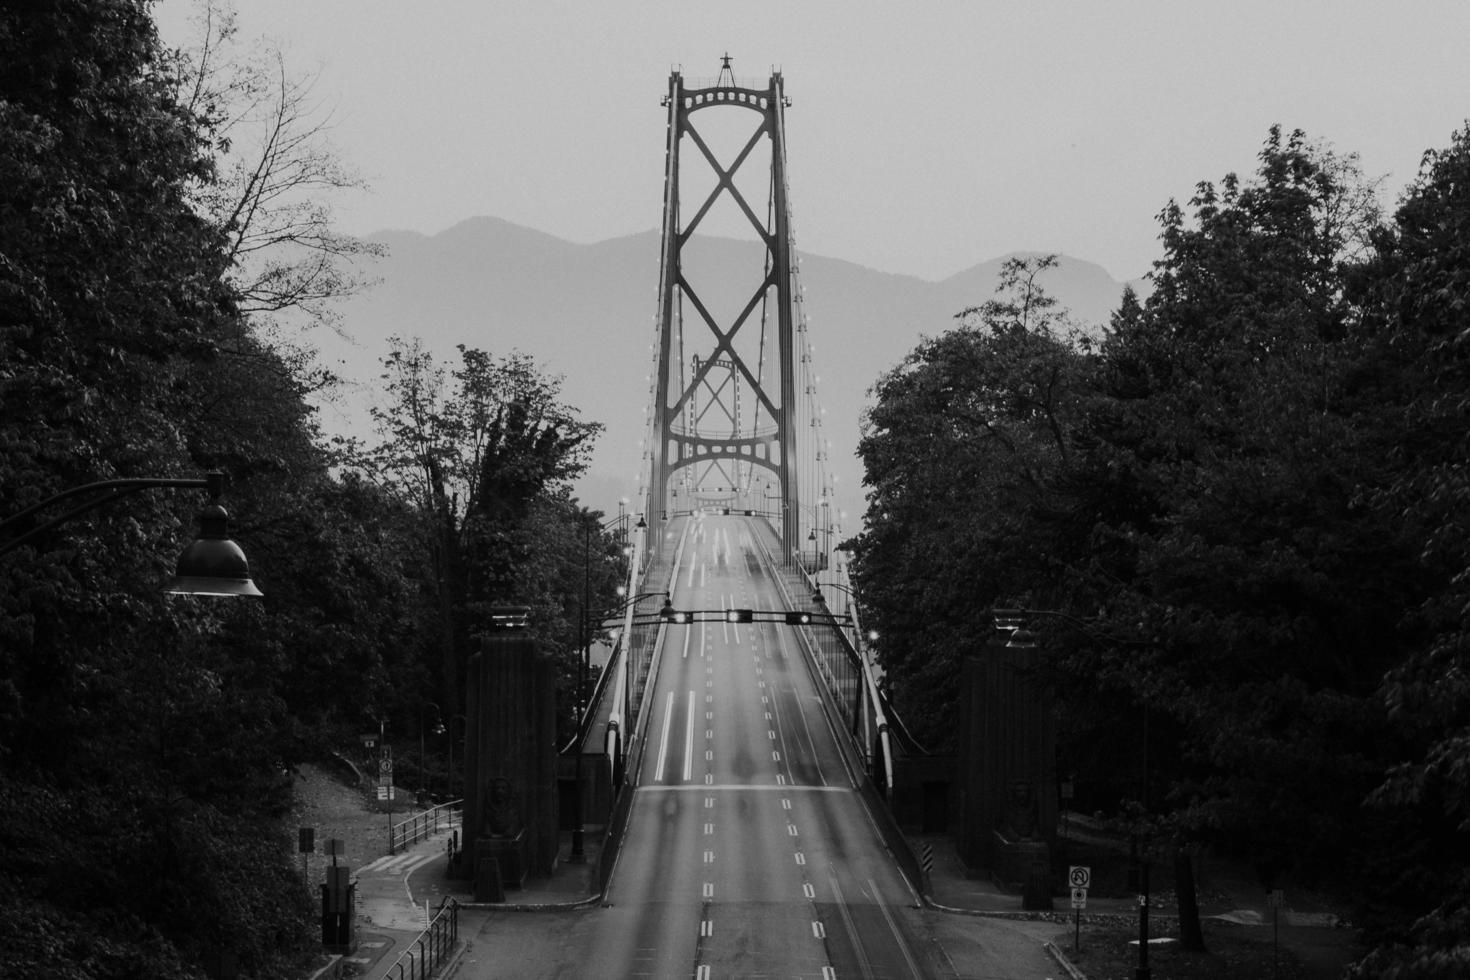 photographie en niveaux de gris du pont suspendu photo